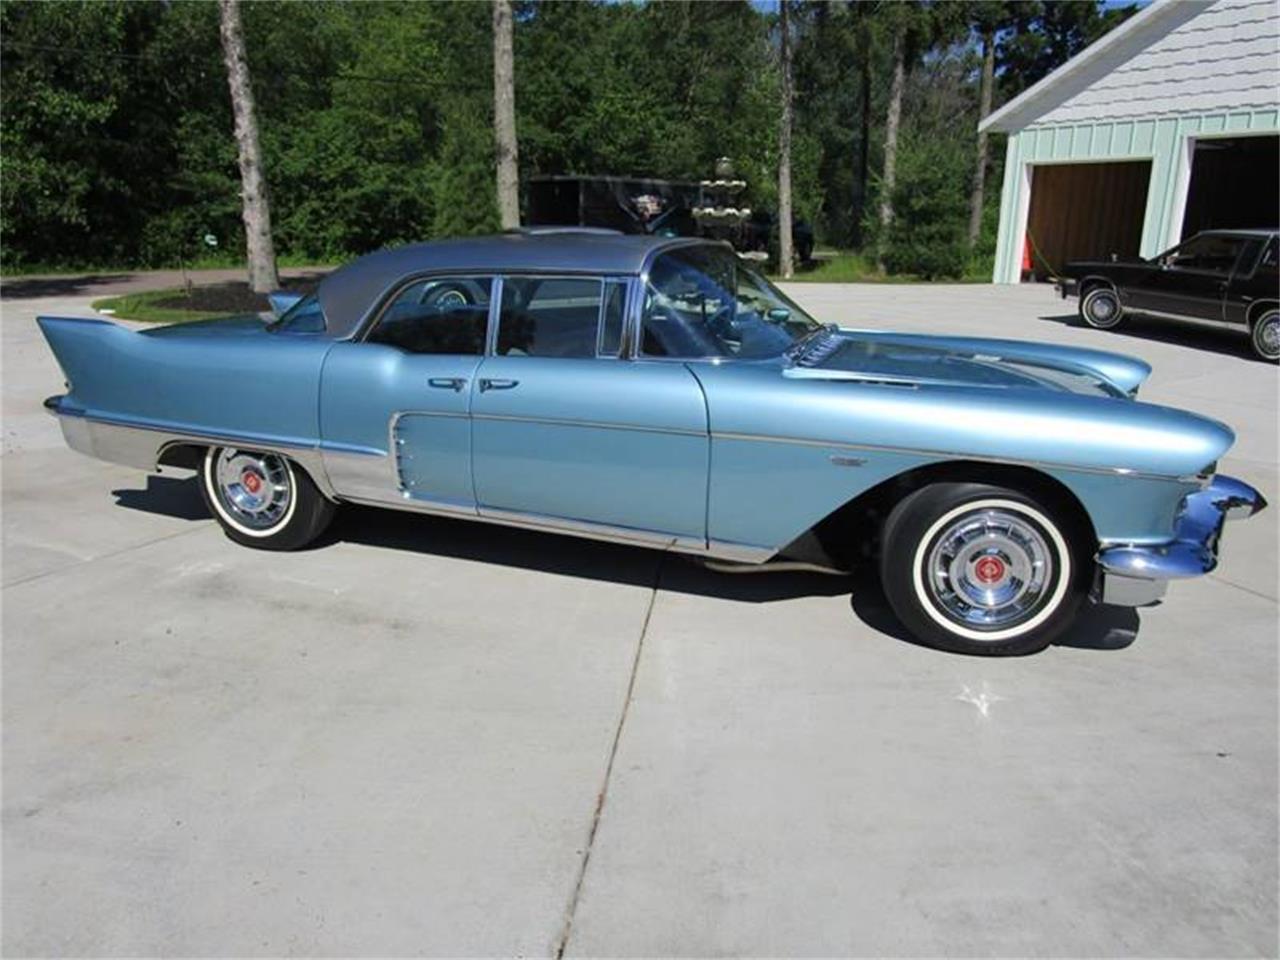 Large Picture of 1958 Cadillac Eldorado - $199,500.00 - QGHC